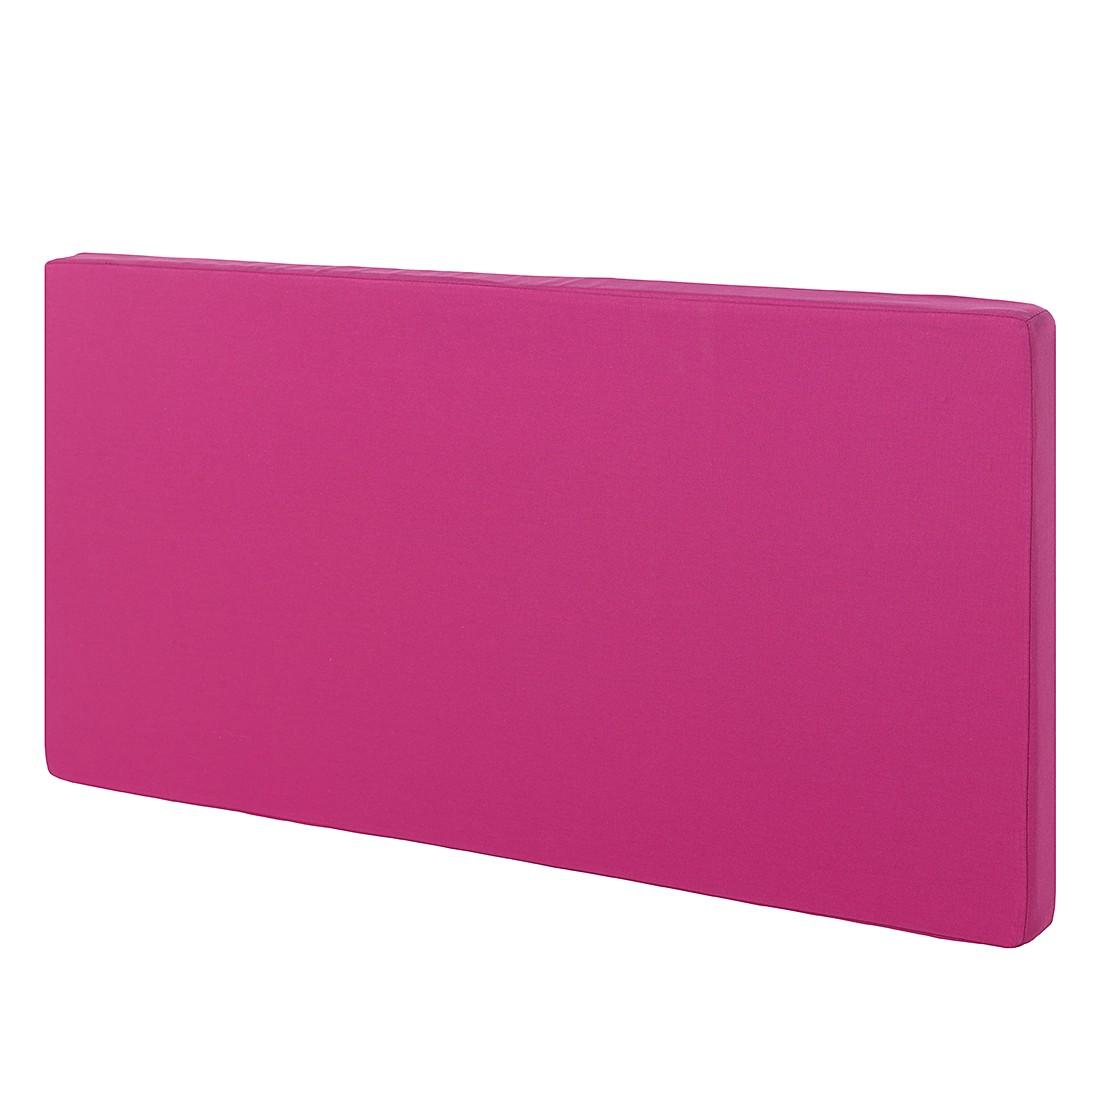 Wandkopfschutz Mia  - Pink